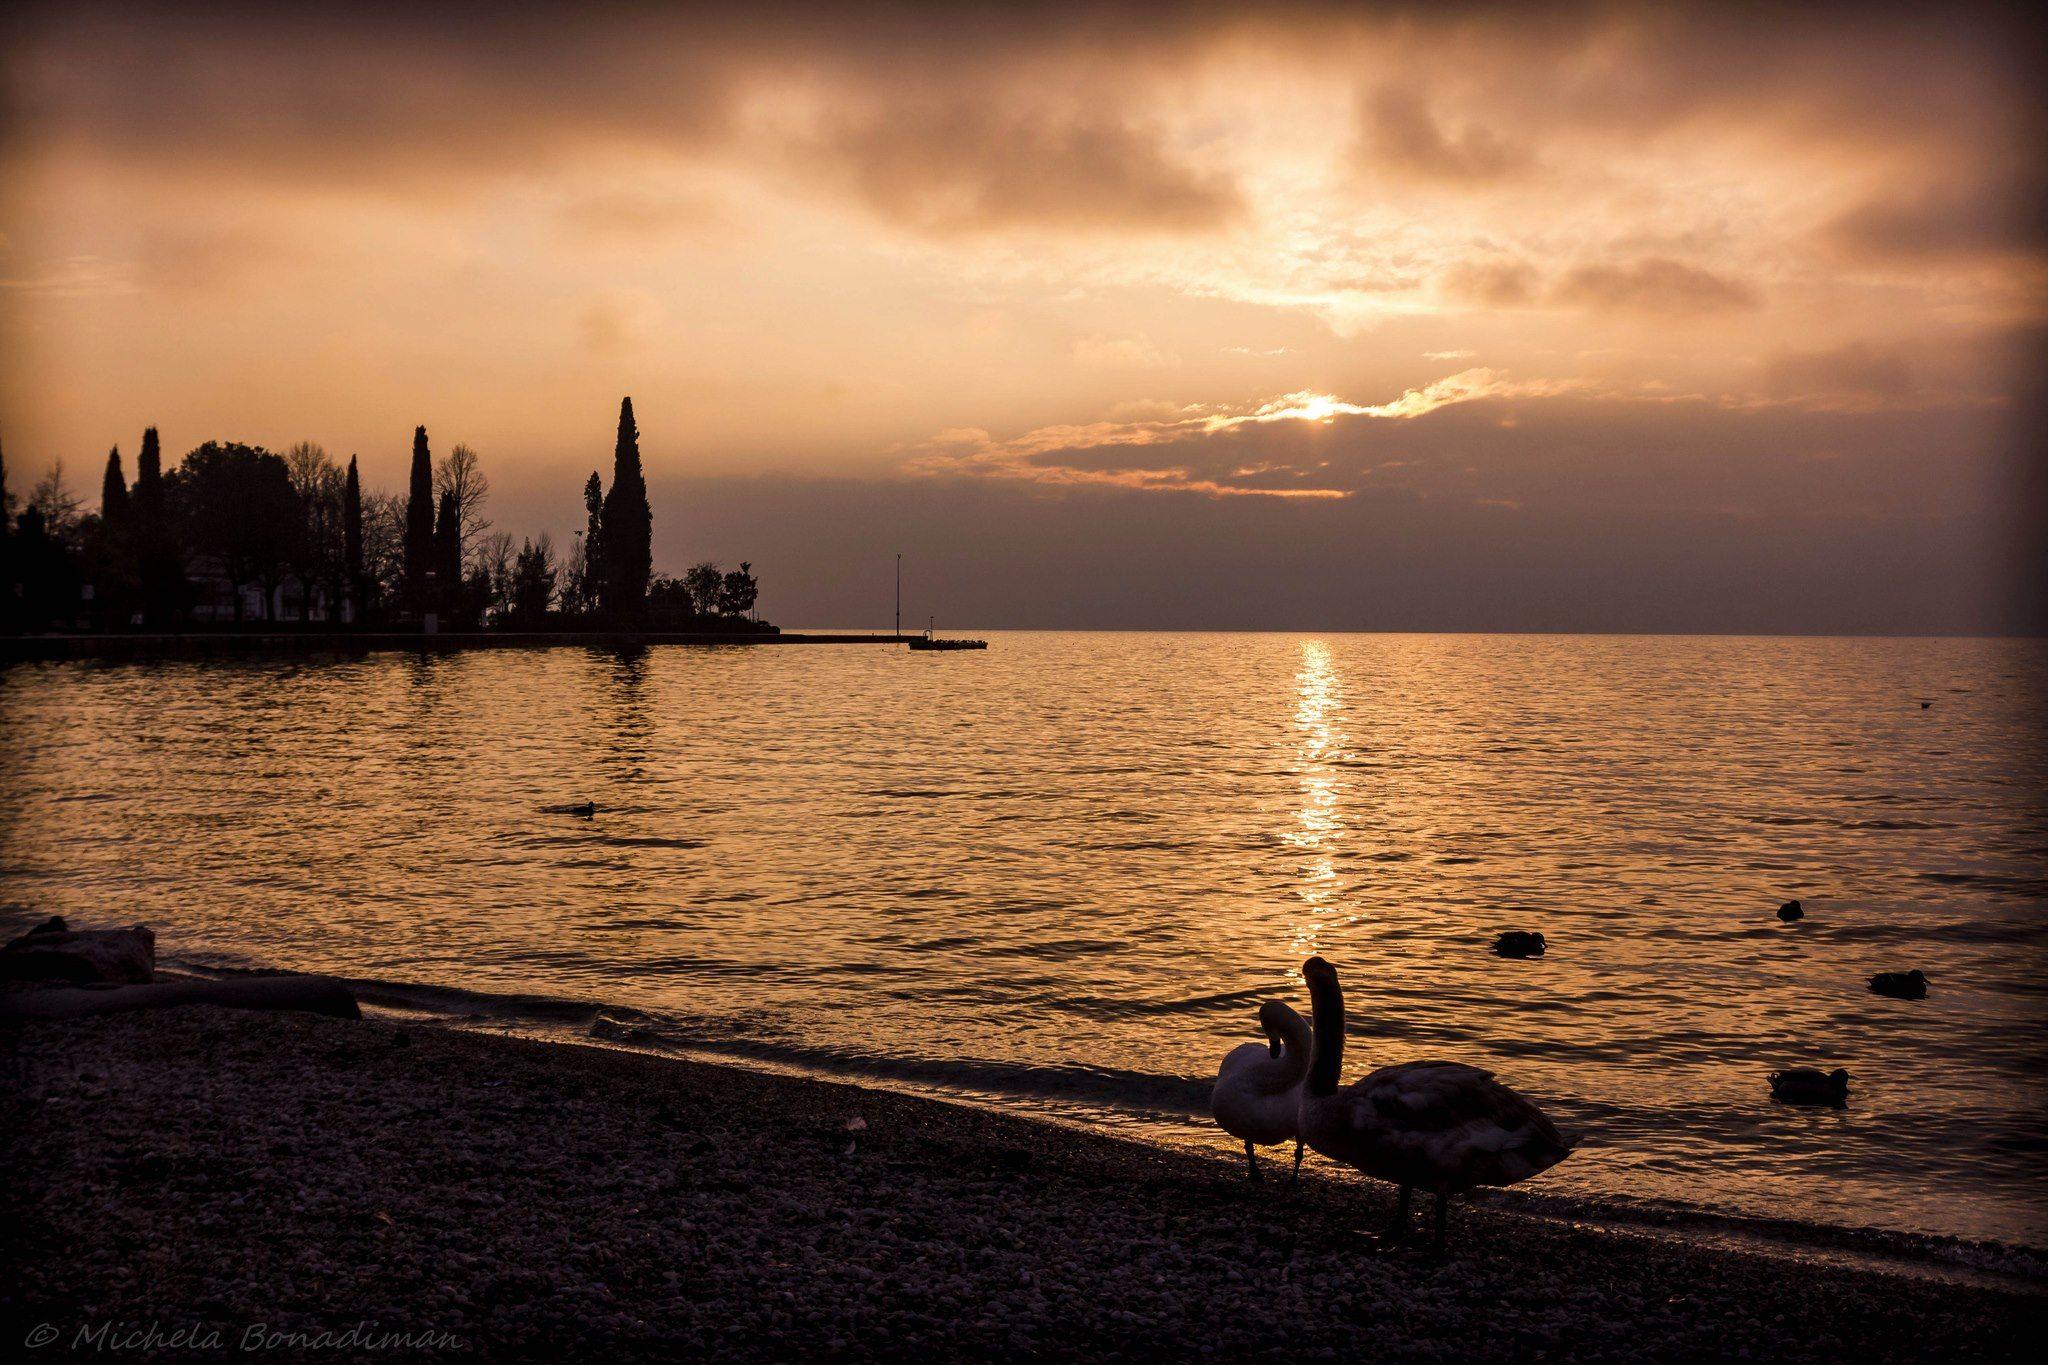 Tramonto a Bardolino di Nadia Bonadiman #LagodiGarda #LakeGarda #Garda #Veneto #GardaVeneto